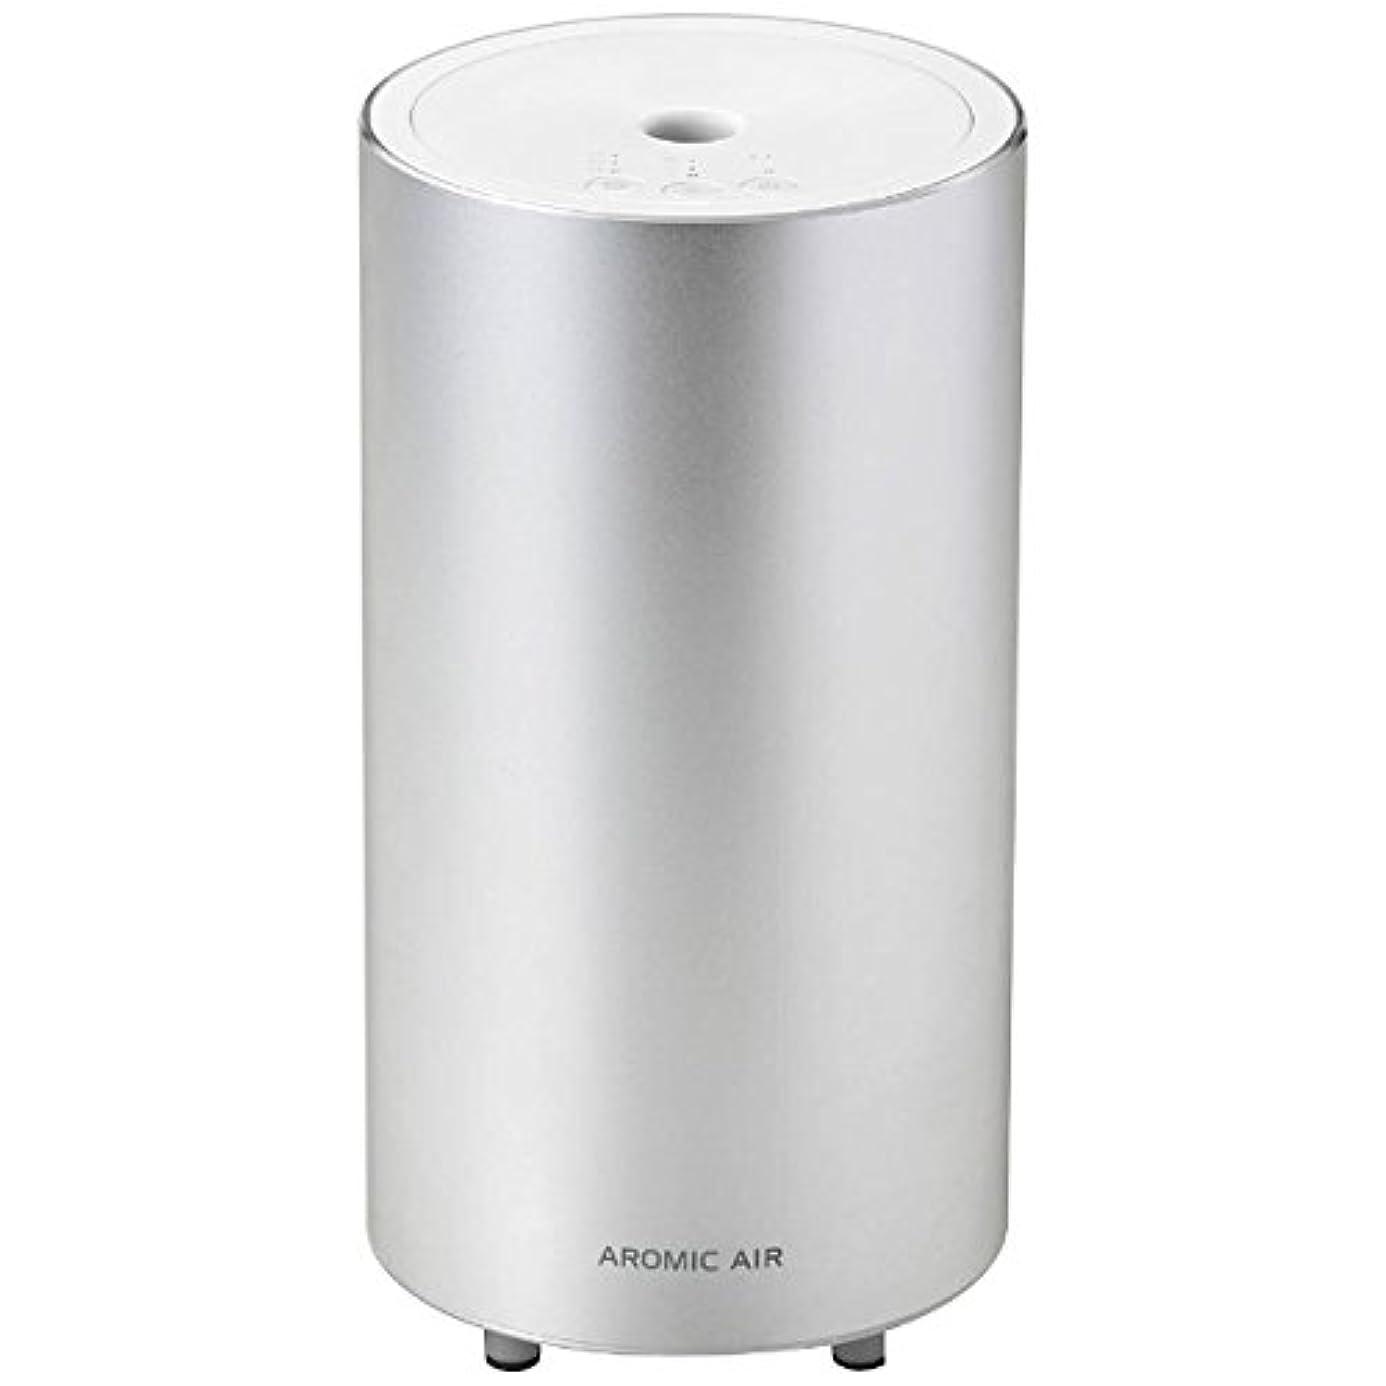 他に酸素寝室を掃除するアロマスター アロミック?エアー USB対応タイプ AA-CSUSB クールシルバー